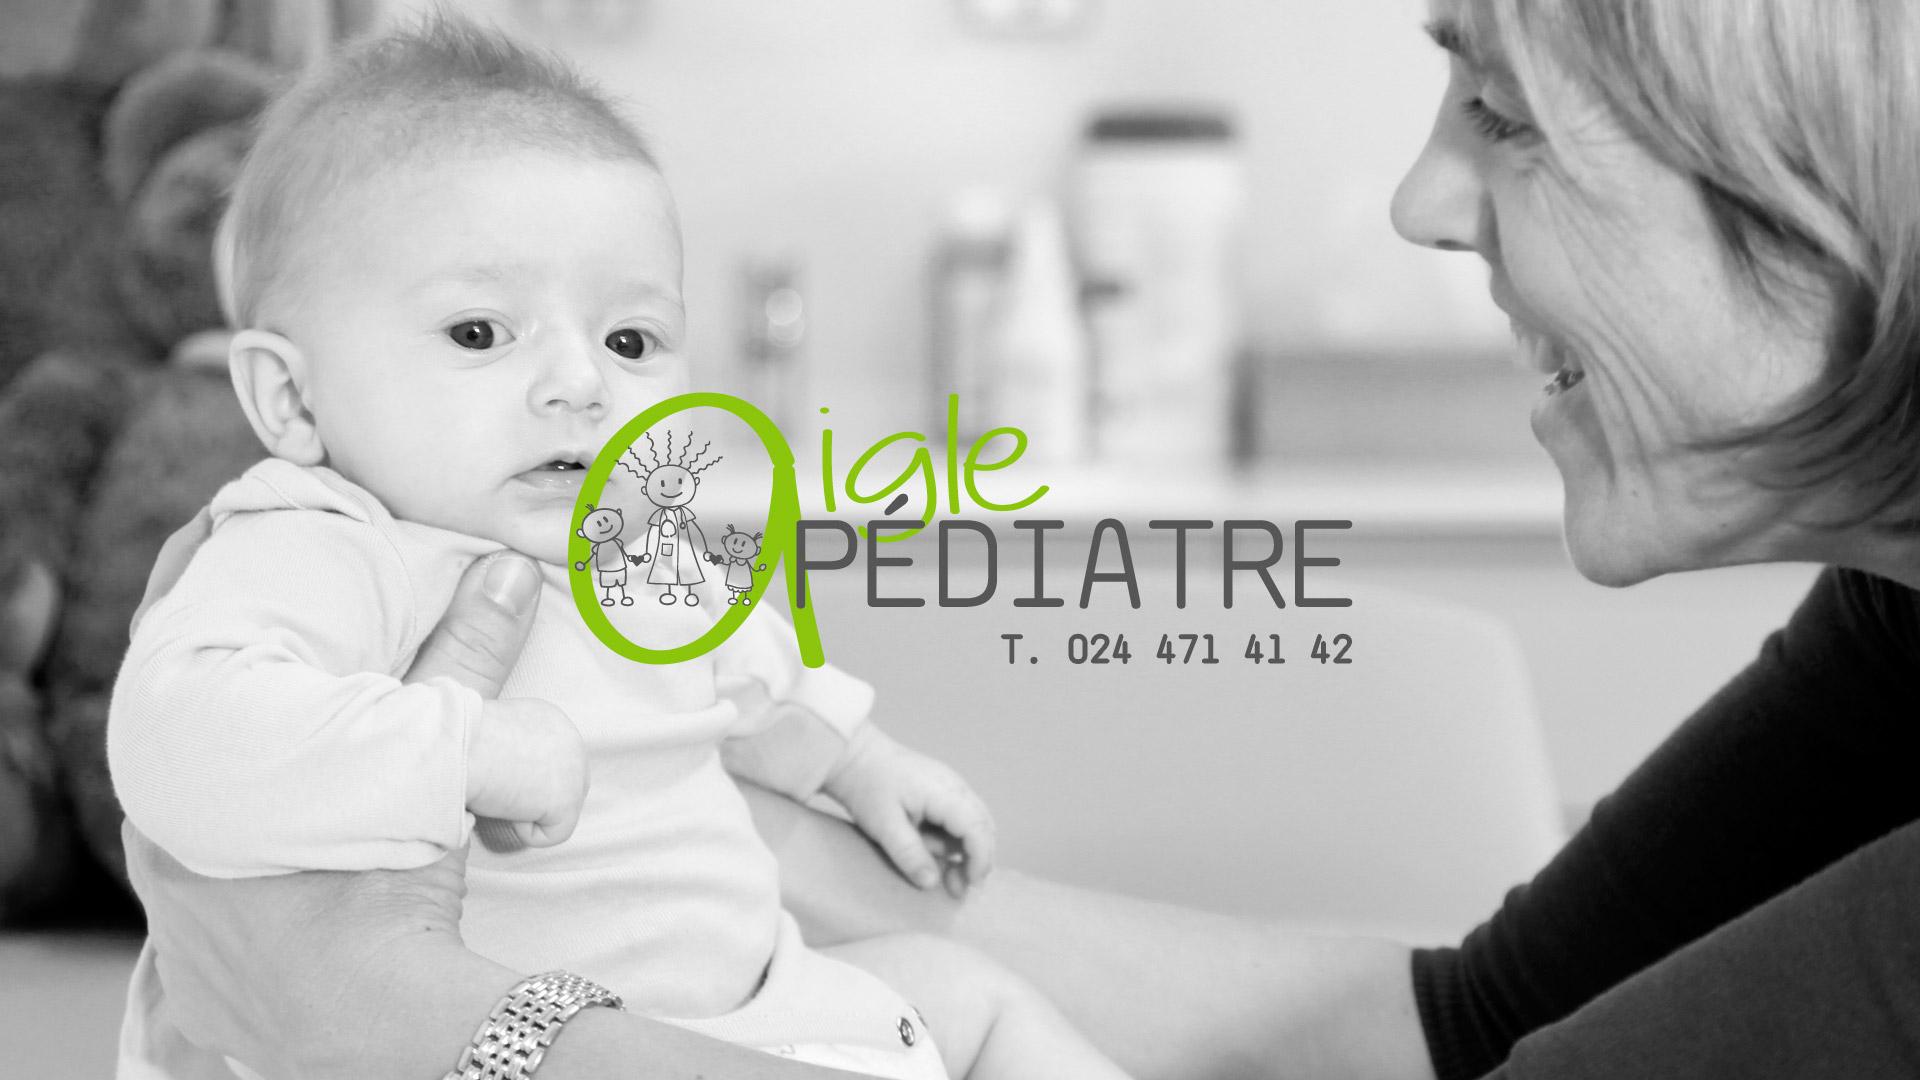 Aigle pédiatre